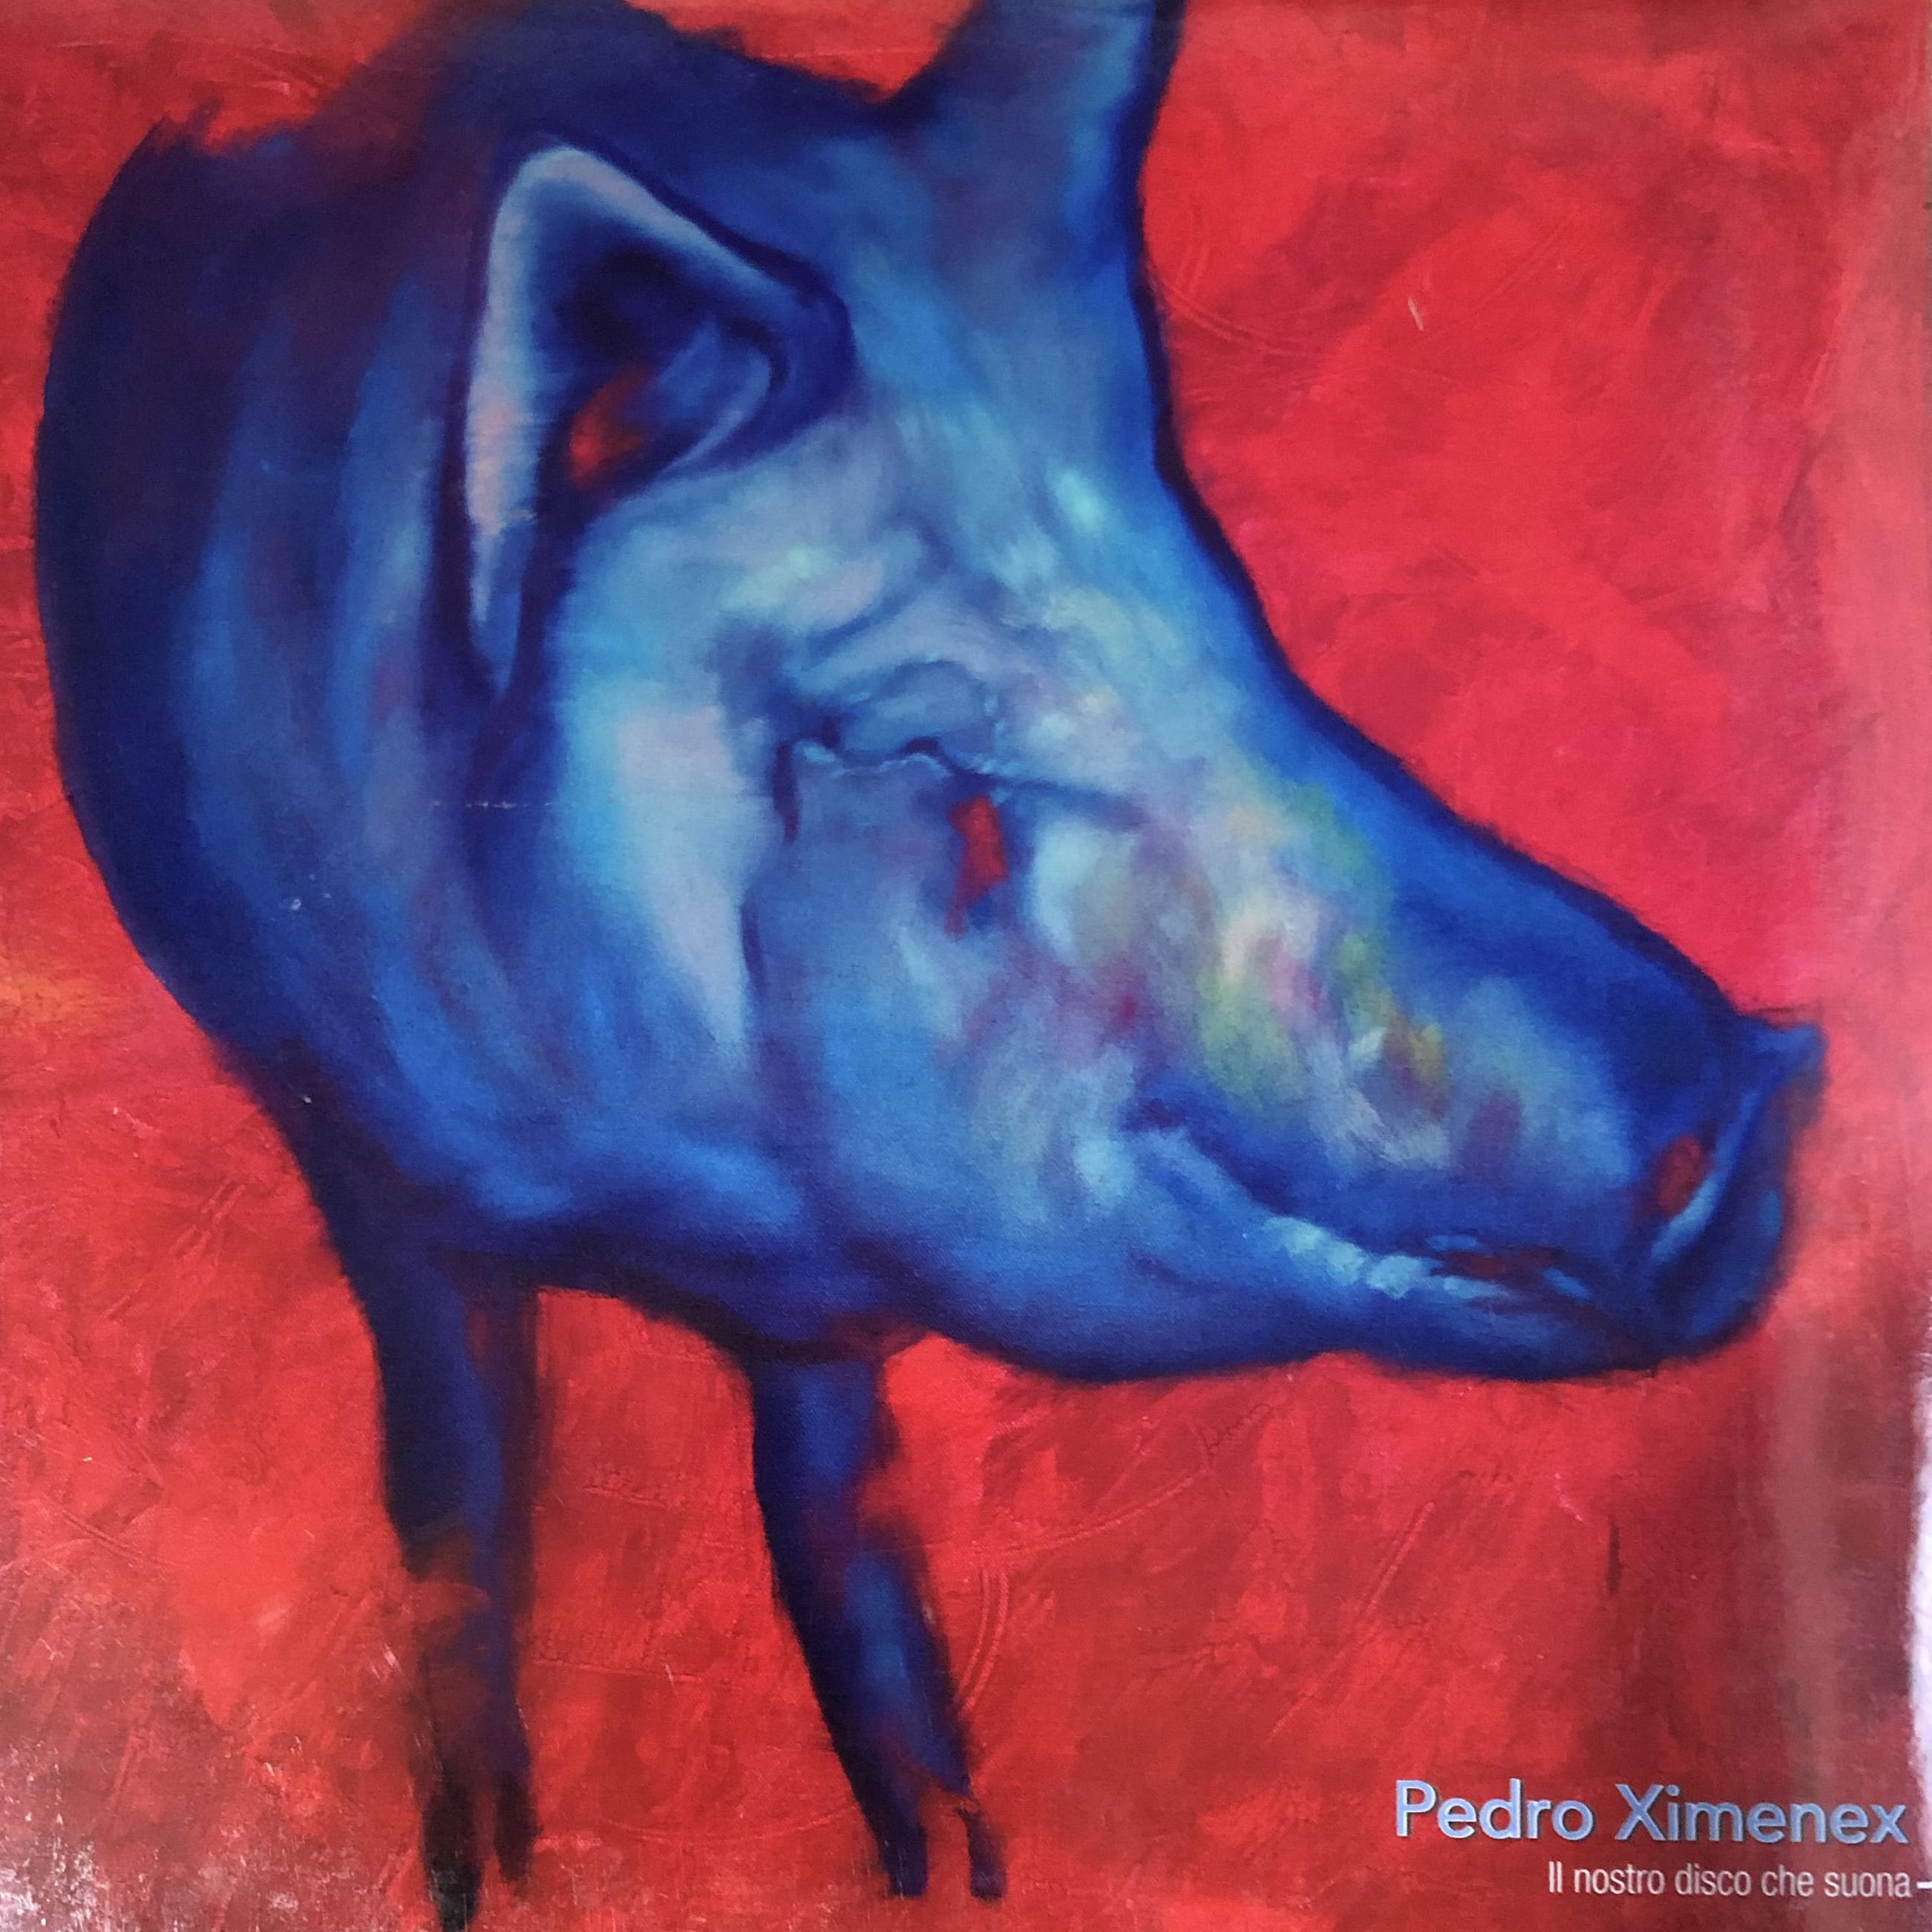 Pedro Ximenex - Il nostro disco che suona LP